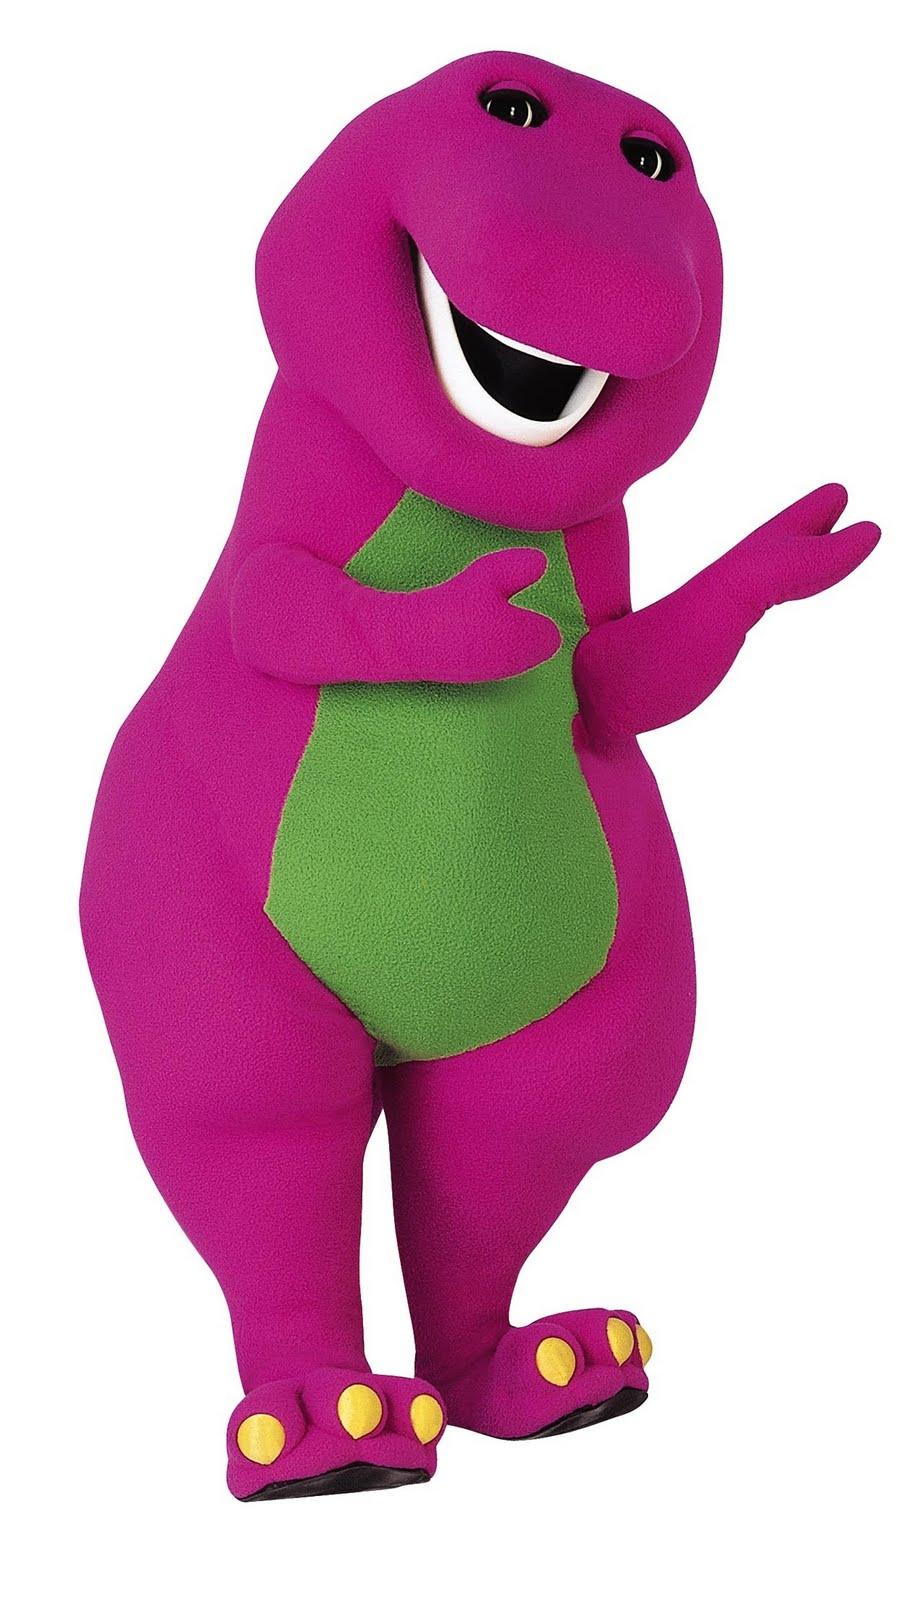 Barney & Friends         Barney